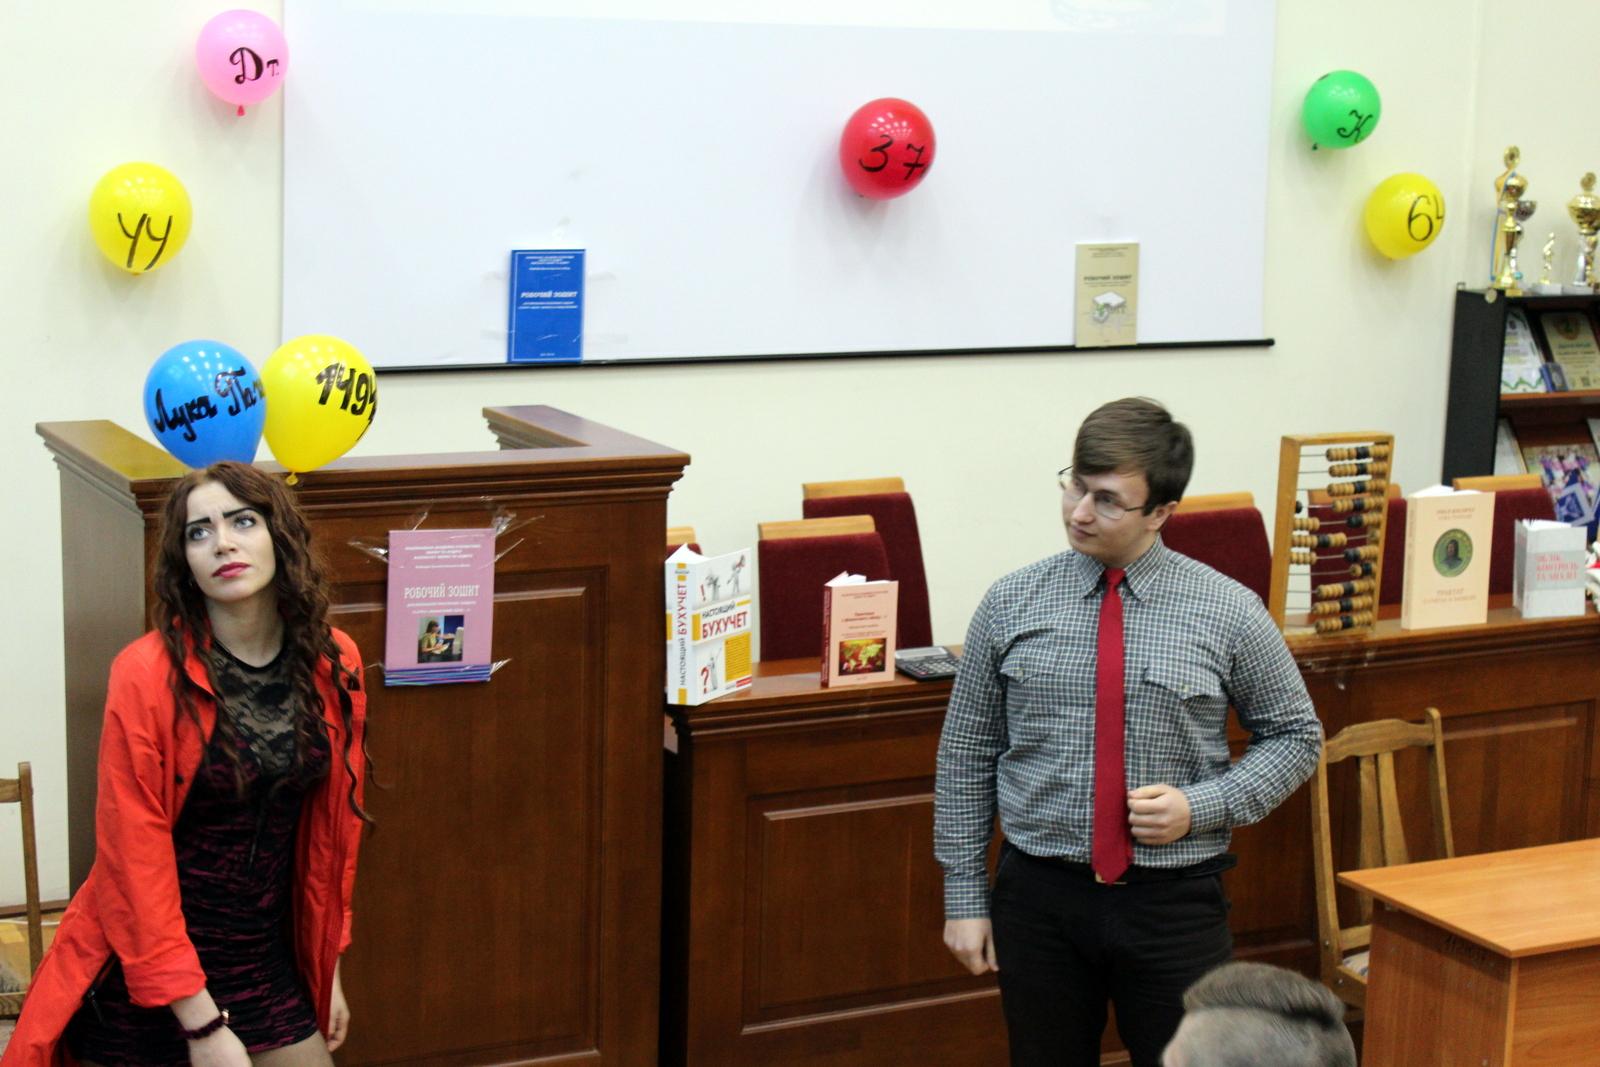 Фото №8: Міжнародний день бухгалтера – професійне свято!